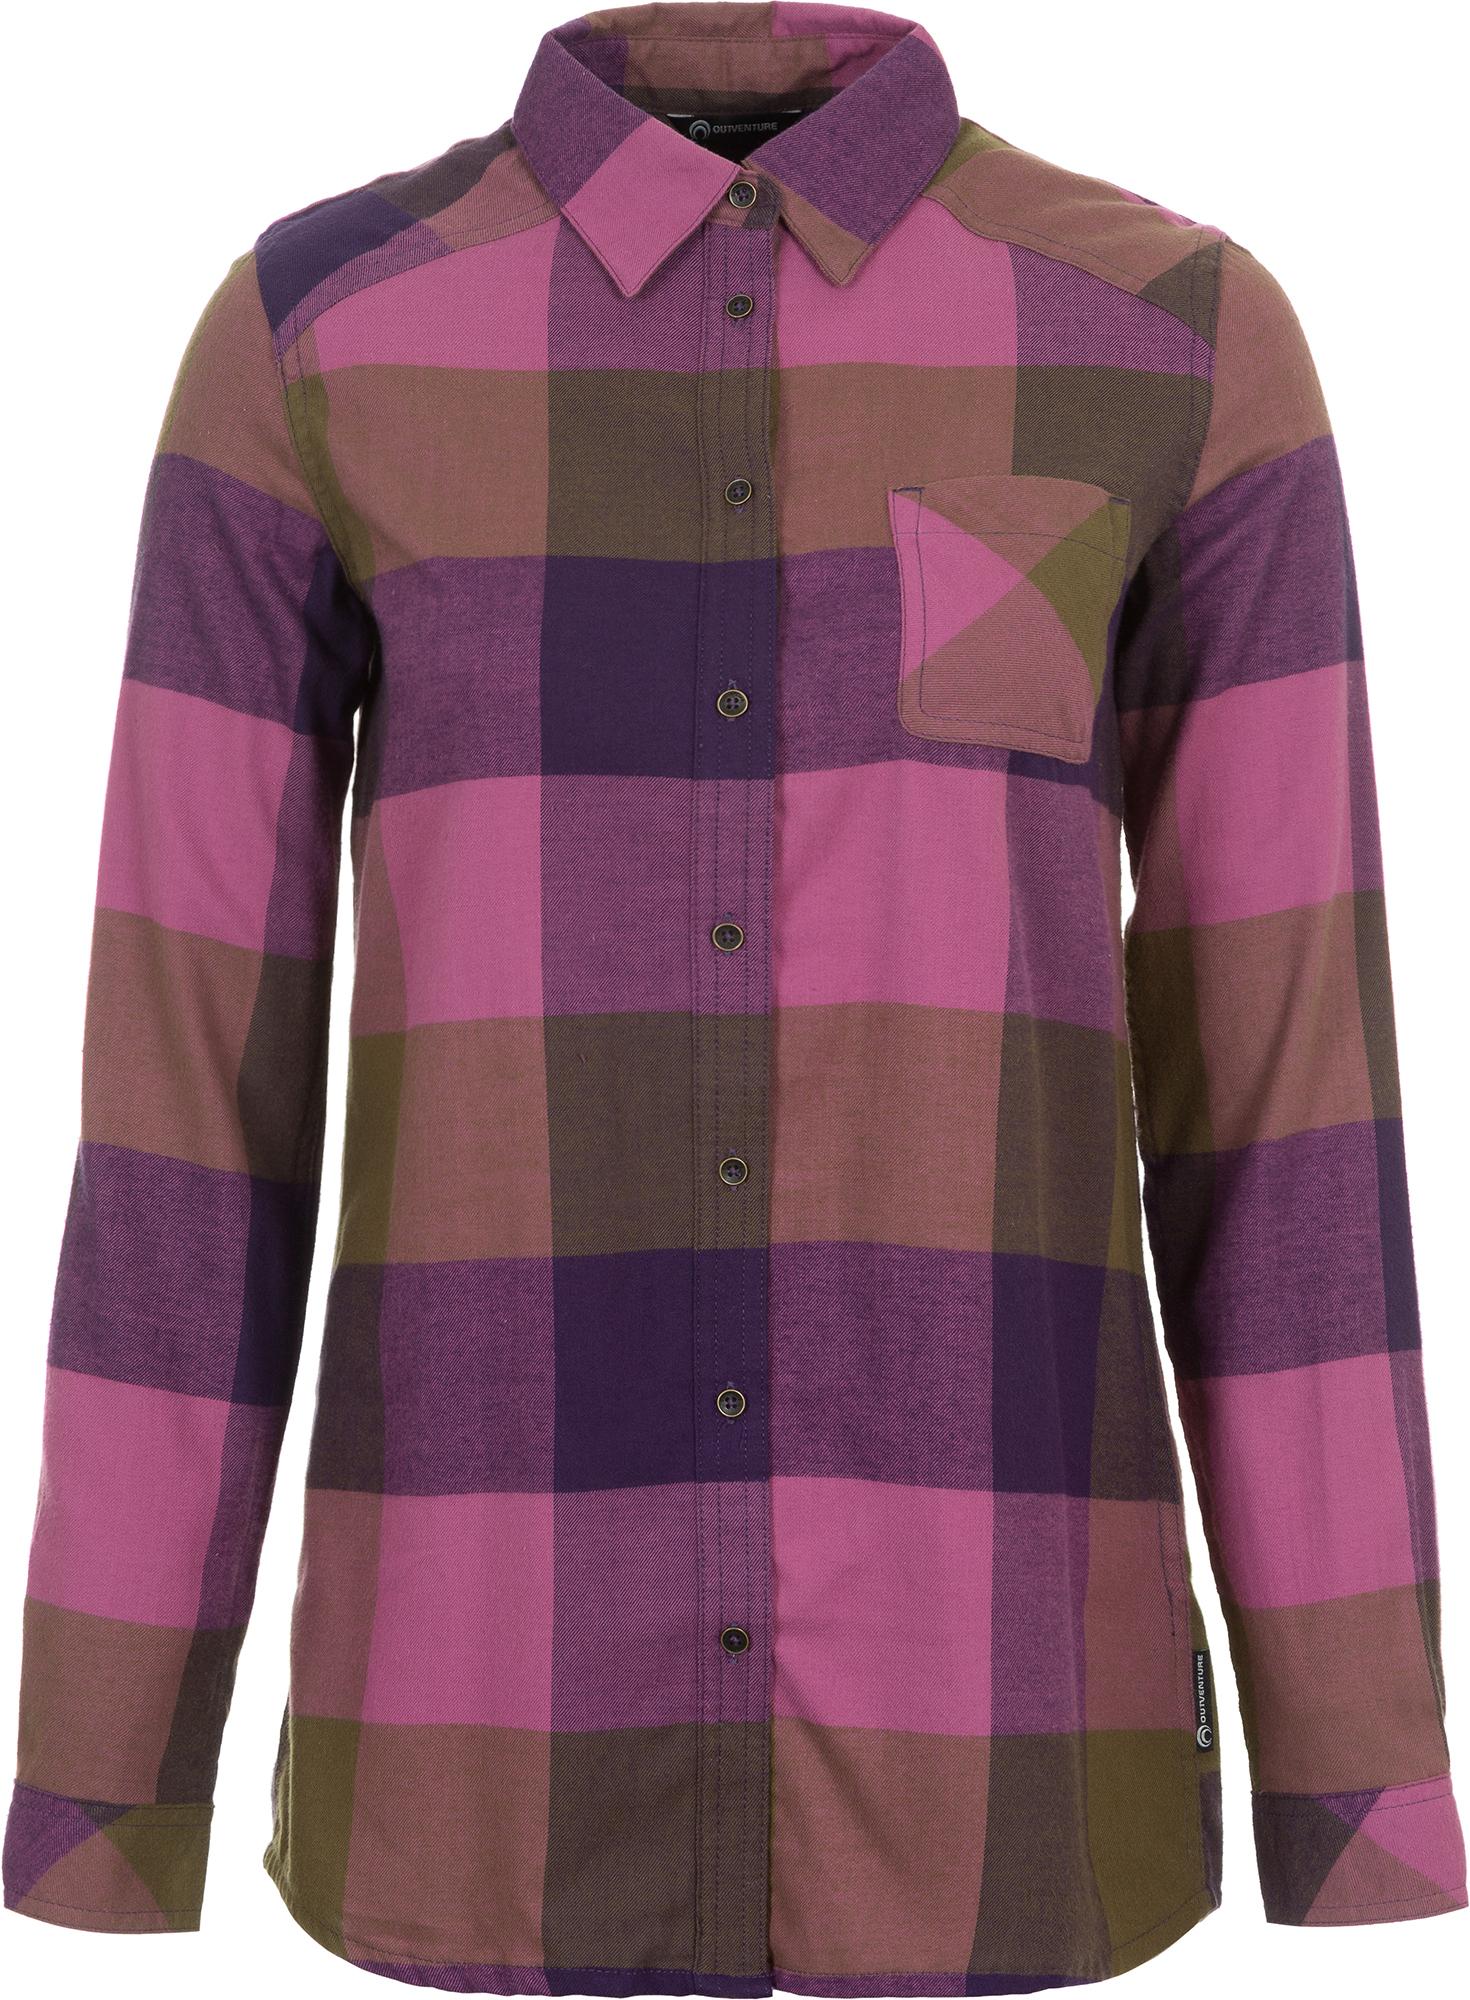 Outventure Рубашка с длинным рукавом женская Outventure, размер 50